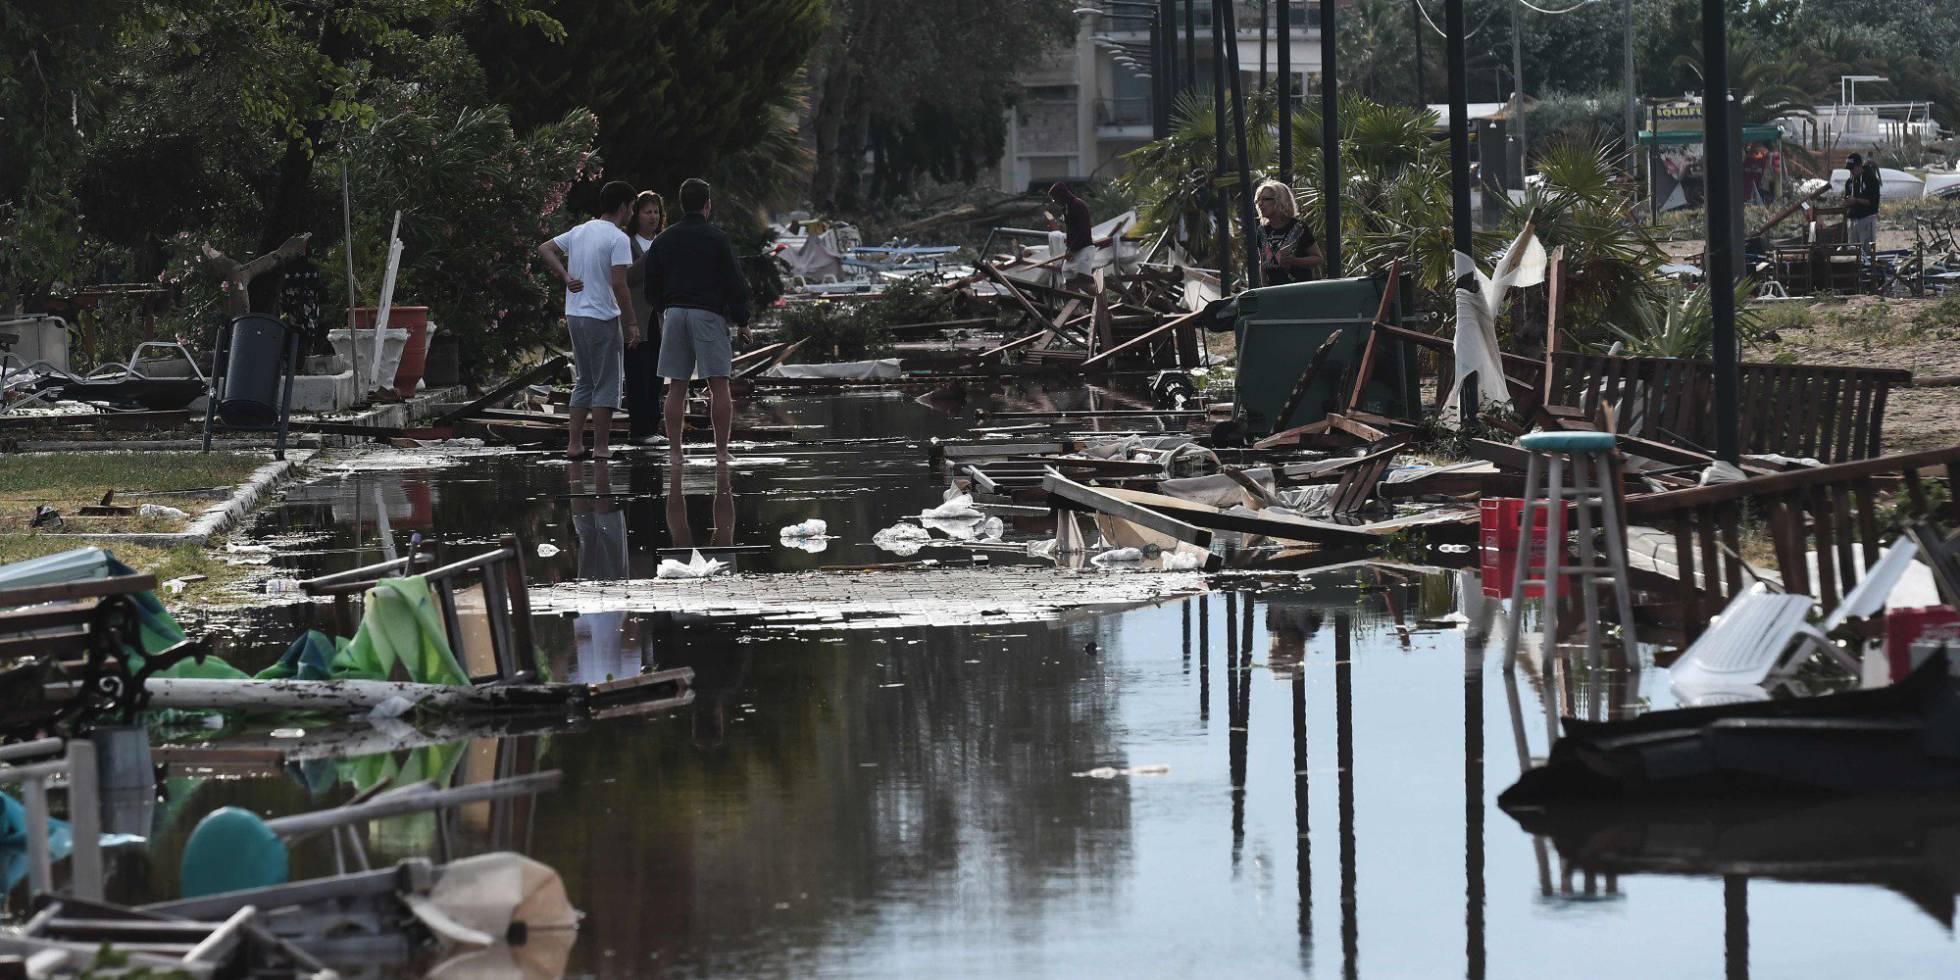 Dos mujeres buscan entre los escombros de un chiriguito destruido.